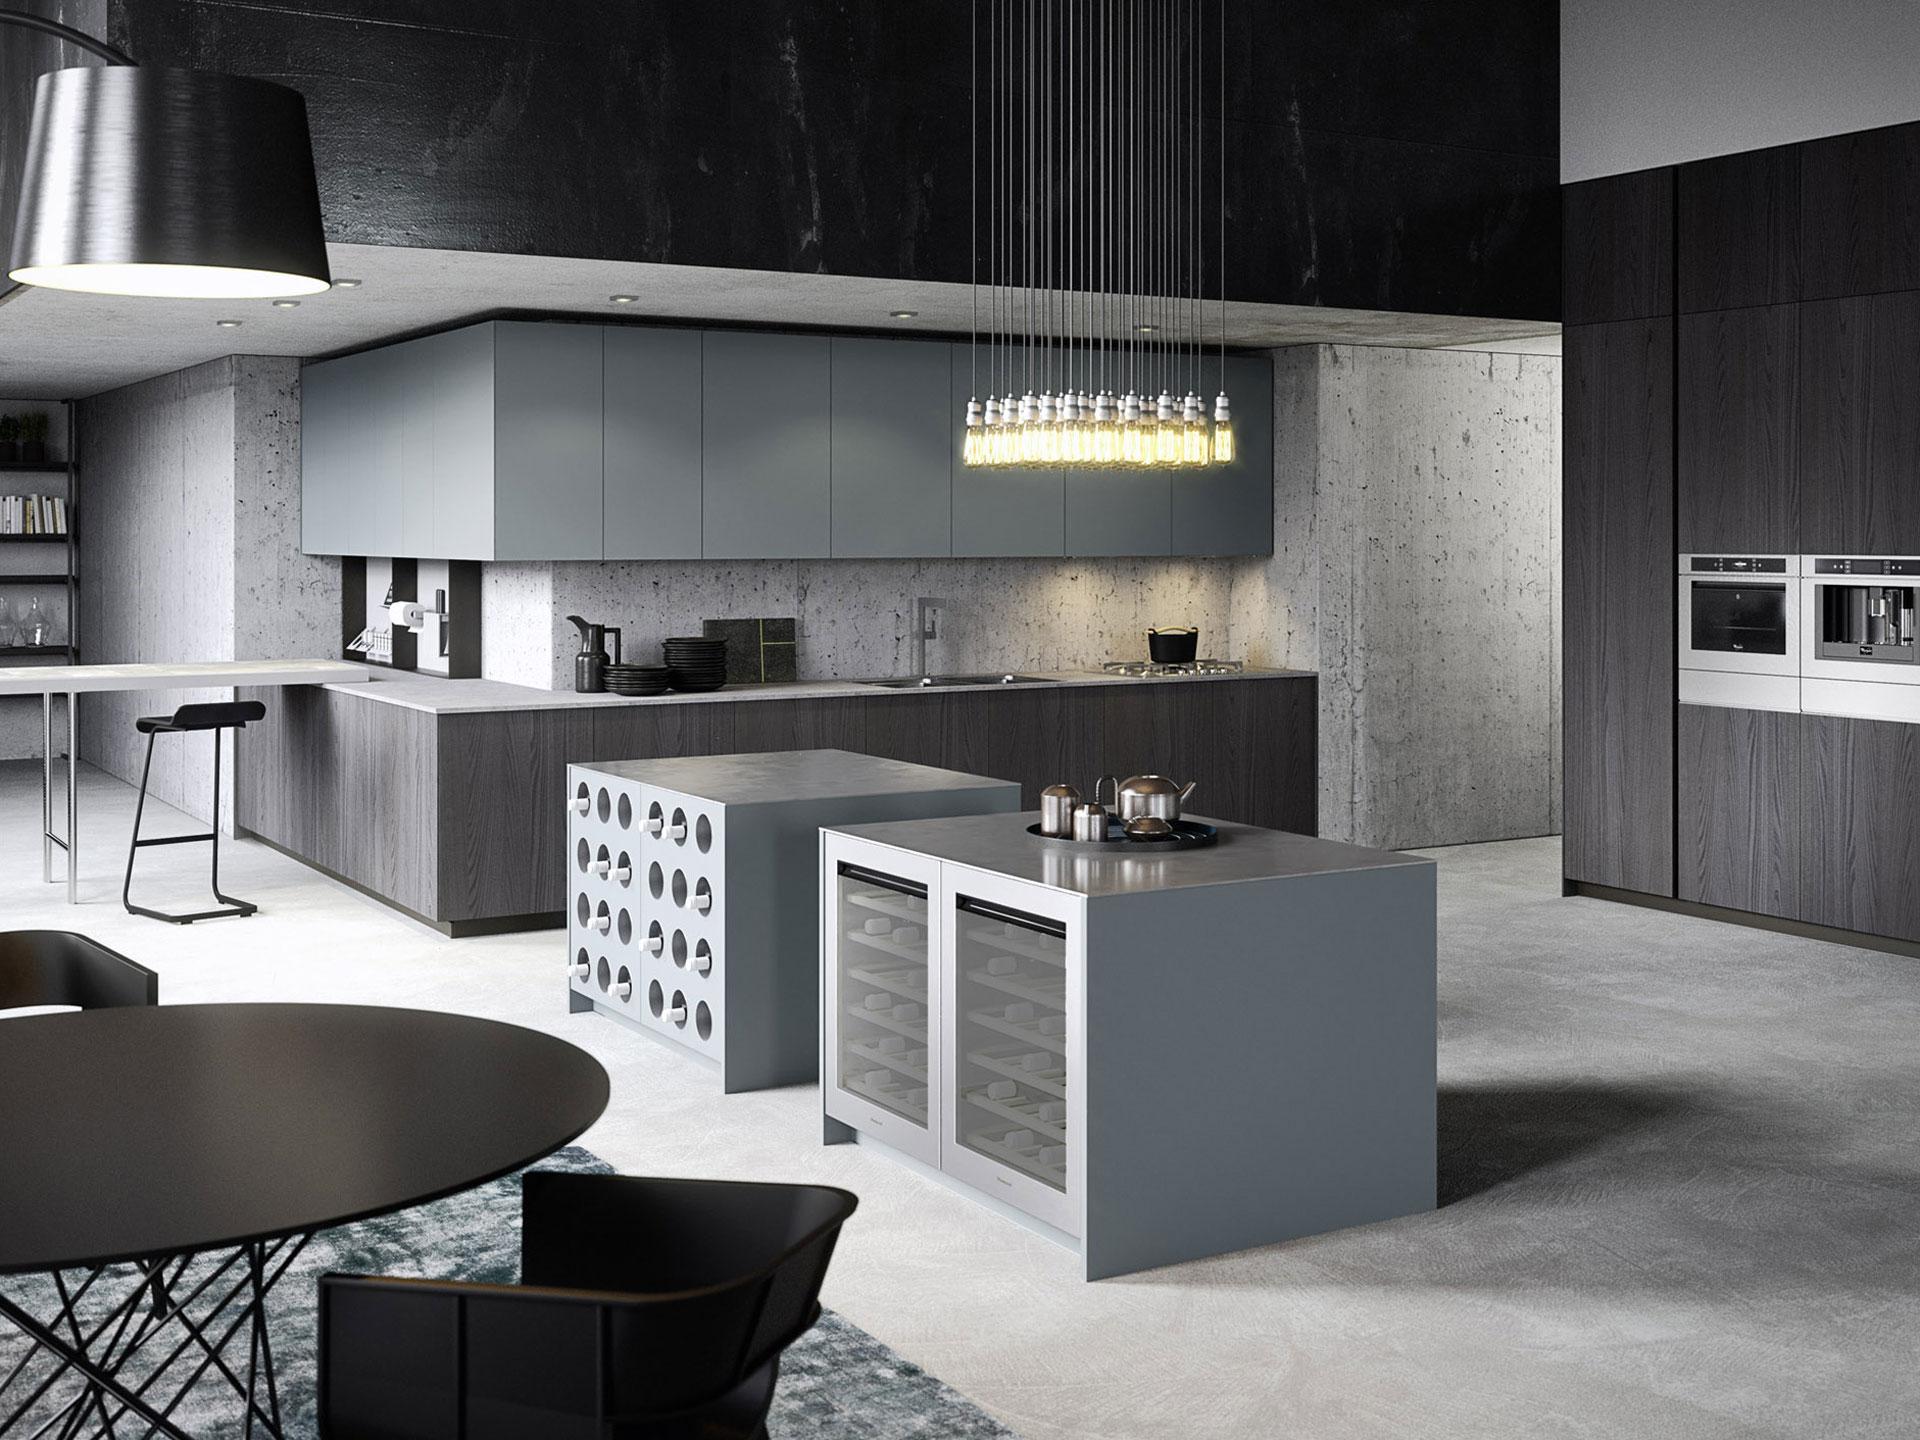 GI.Emme cucine quarrata - Soluzione ergonomiche e di design per la cucina